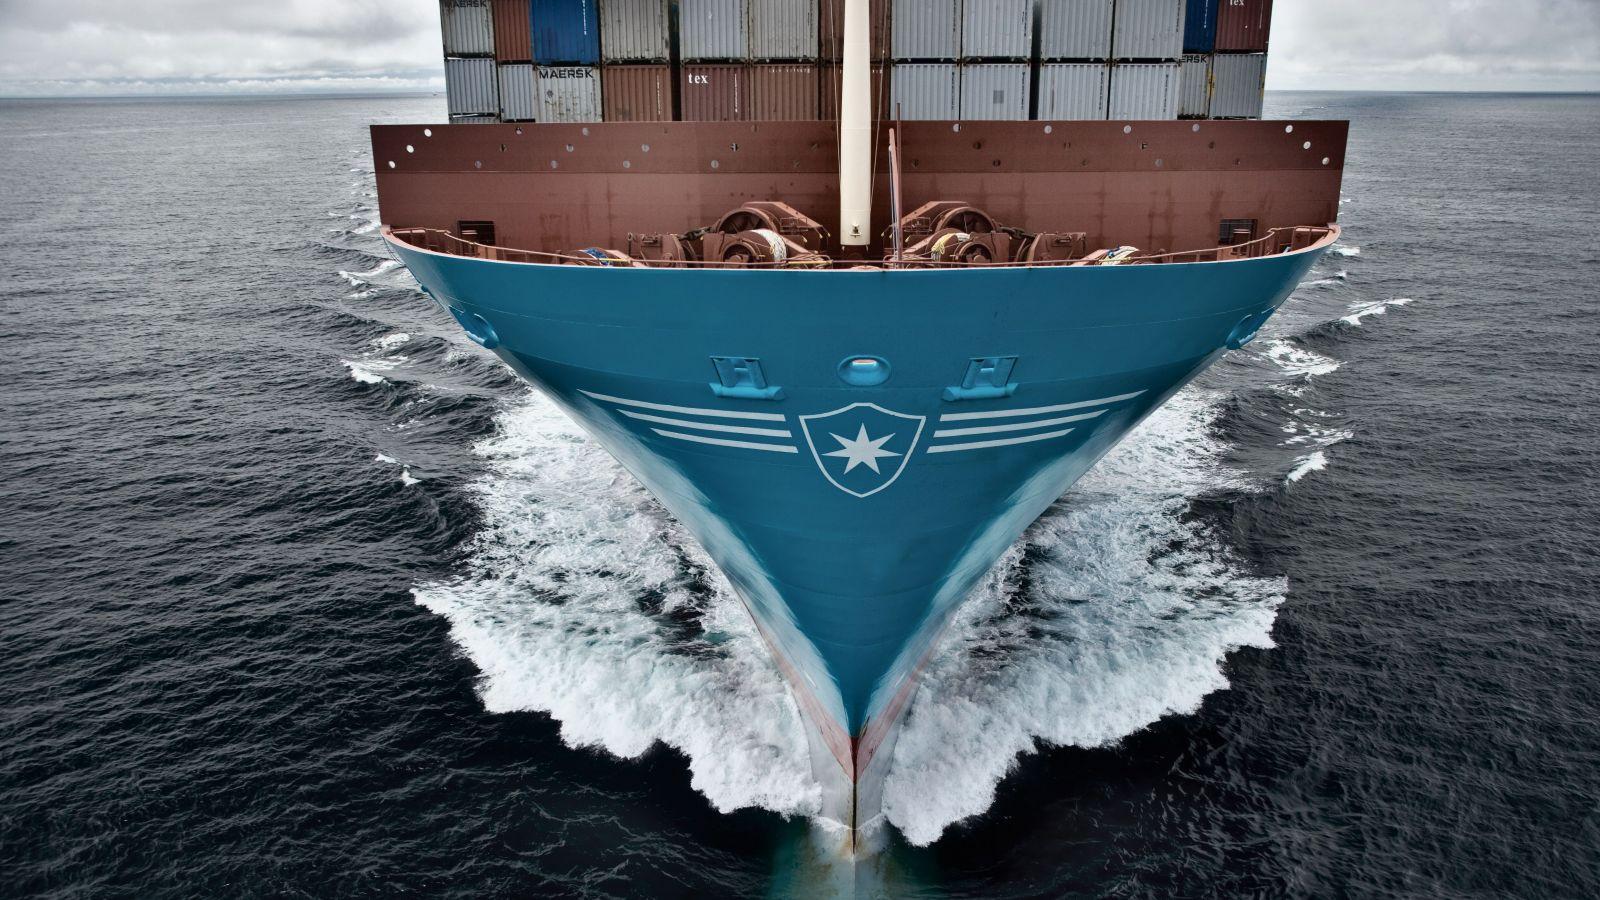 Big, Bigger, Biggest, Maersk